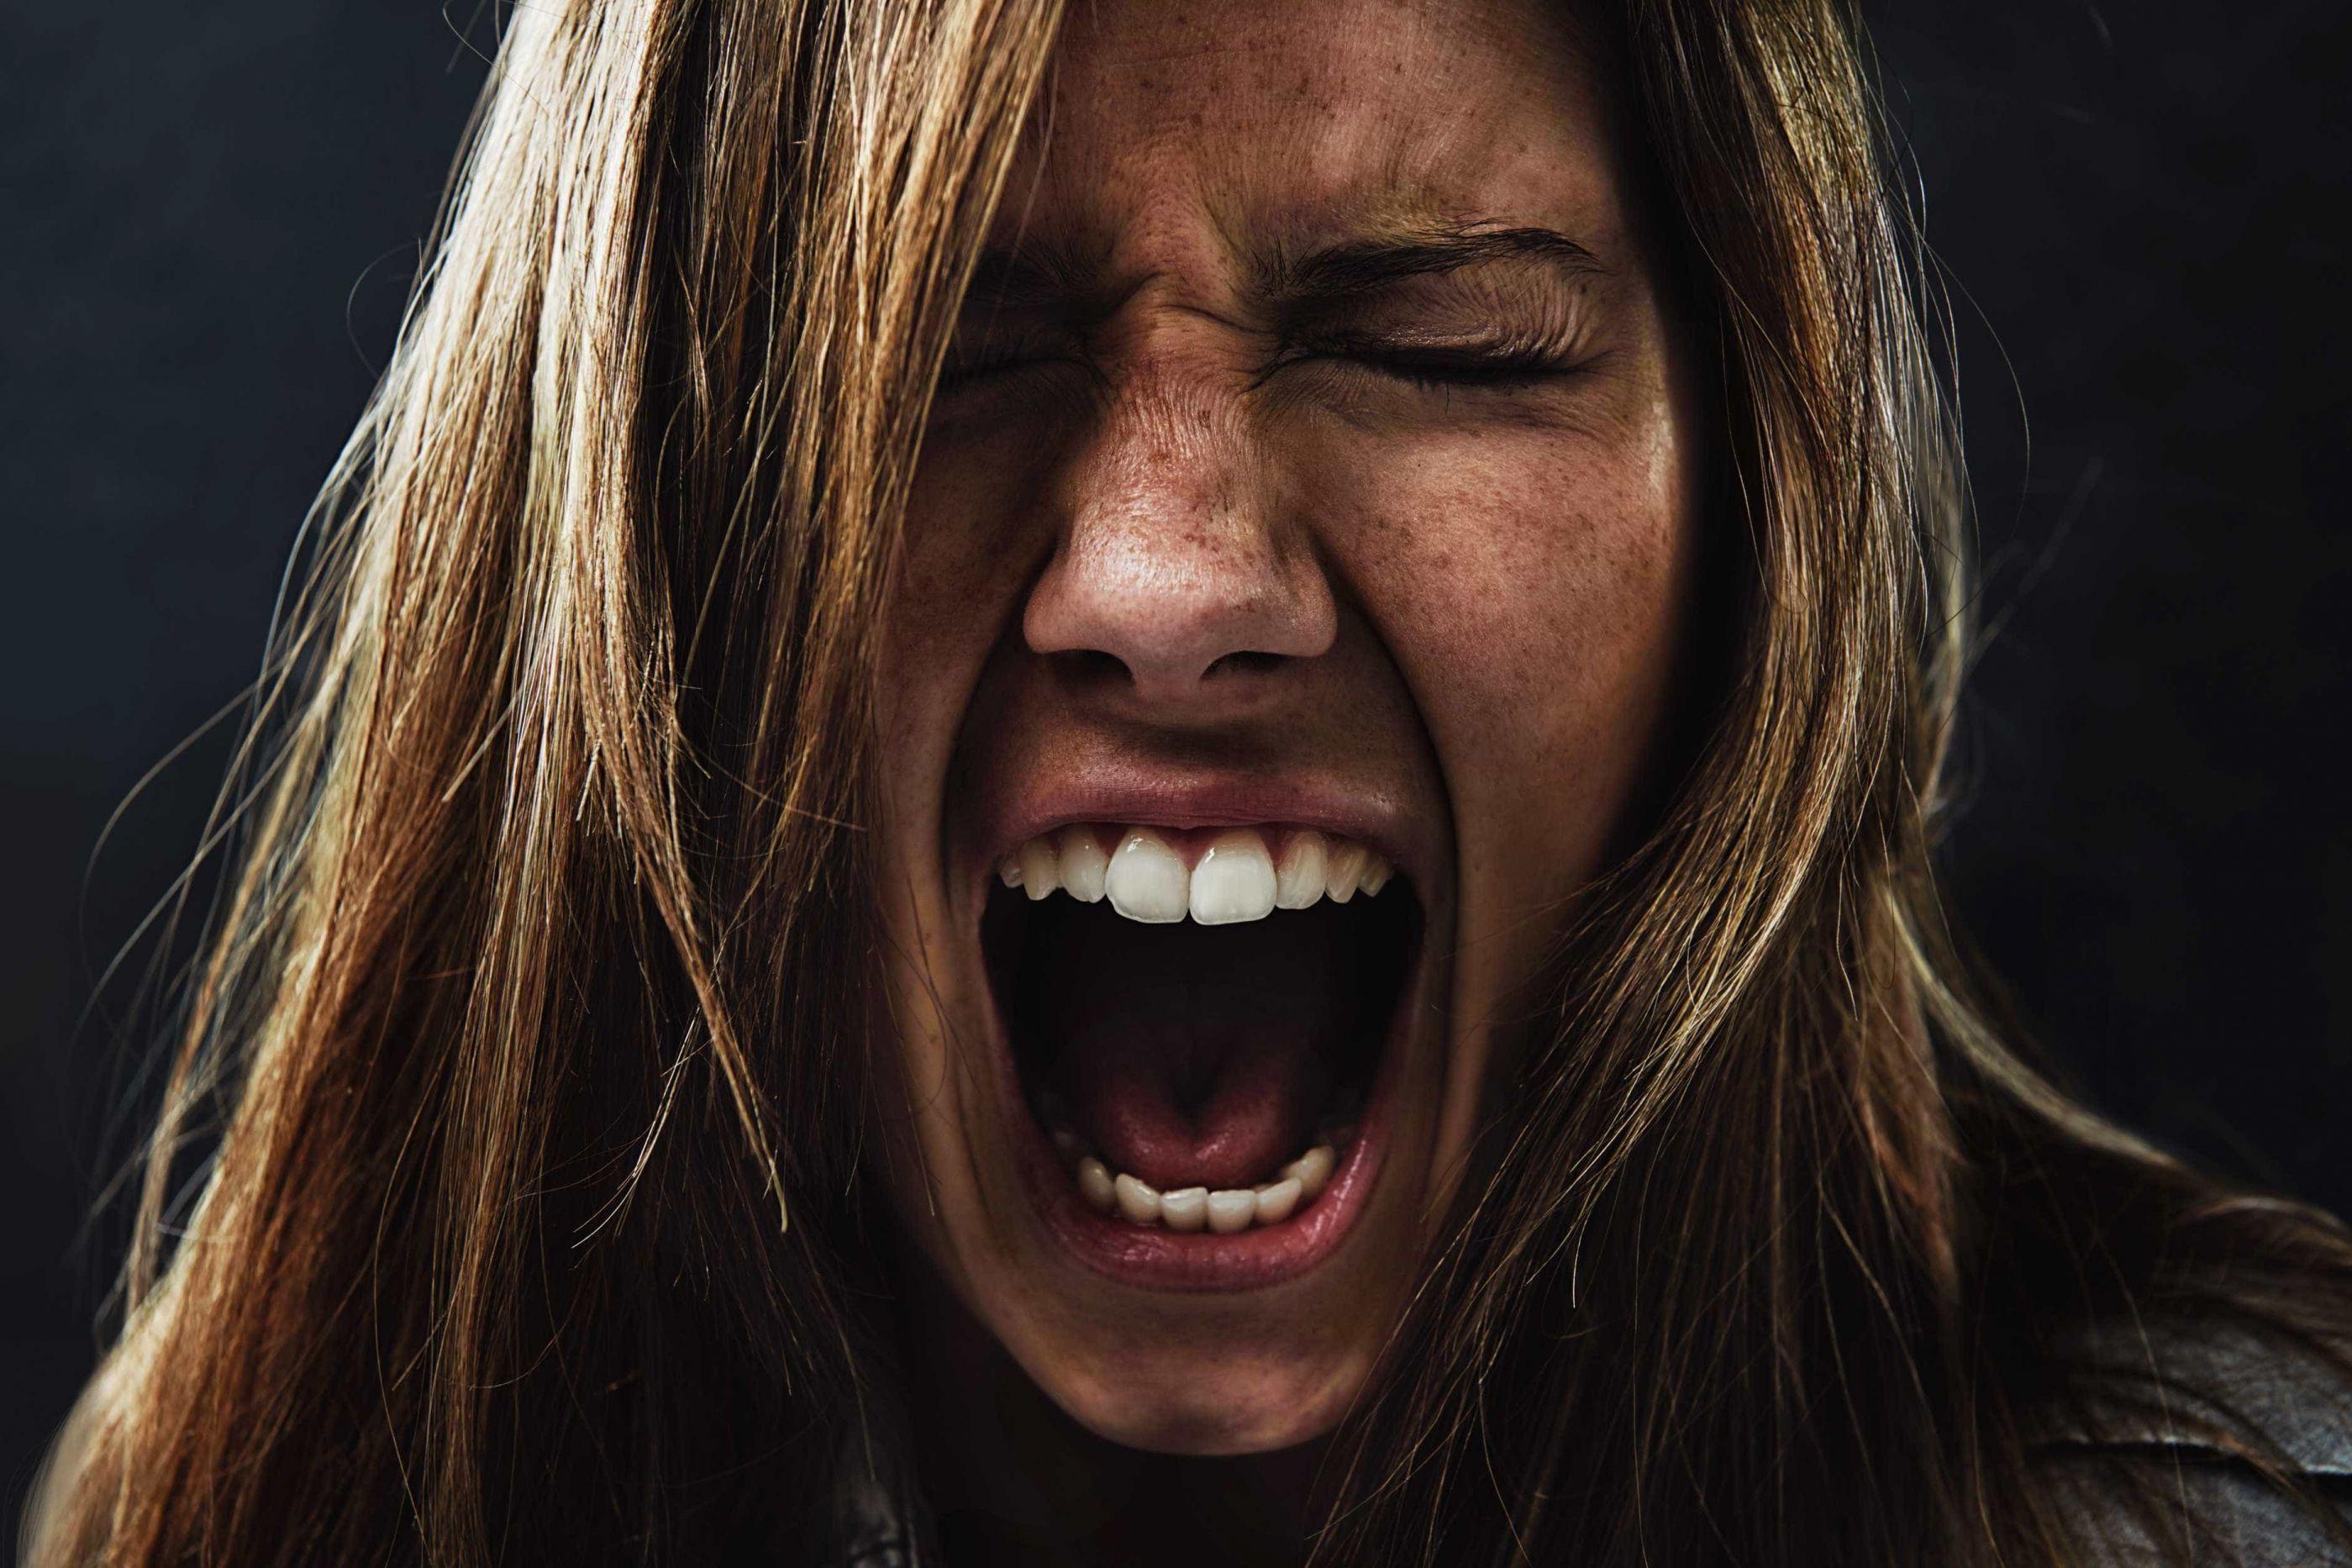 Liberte-se: confira quatro dicas para superar o medo